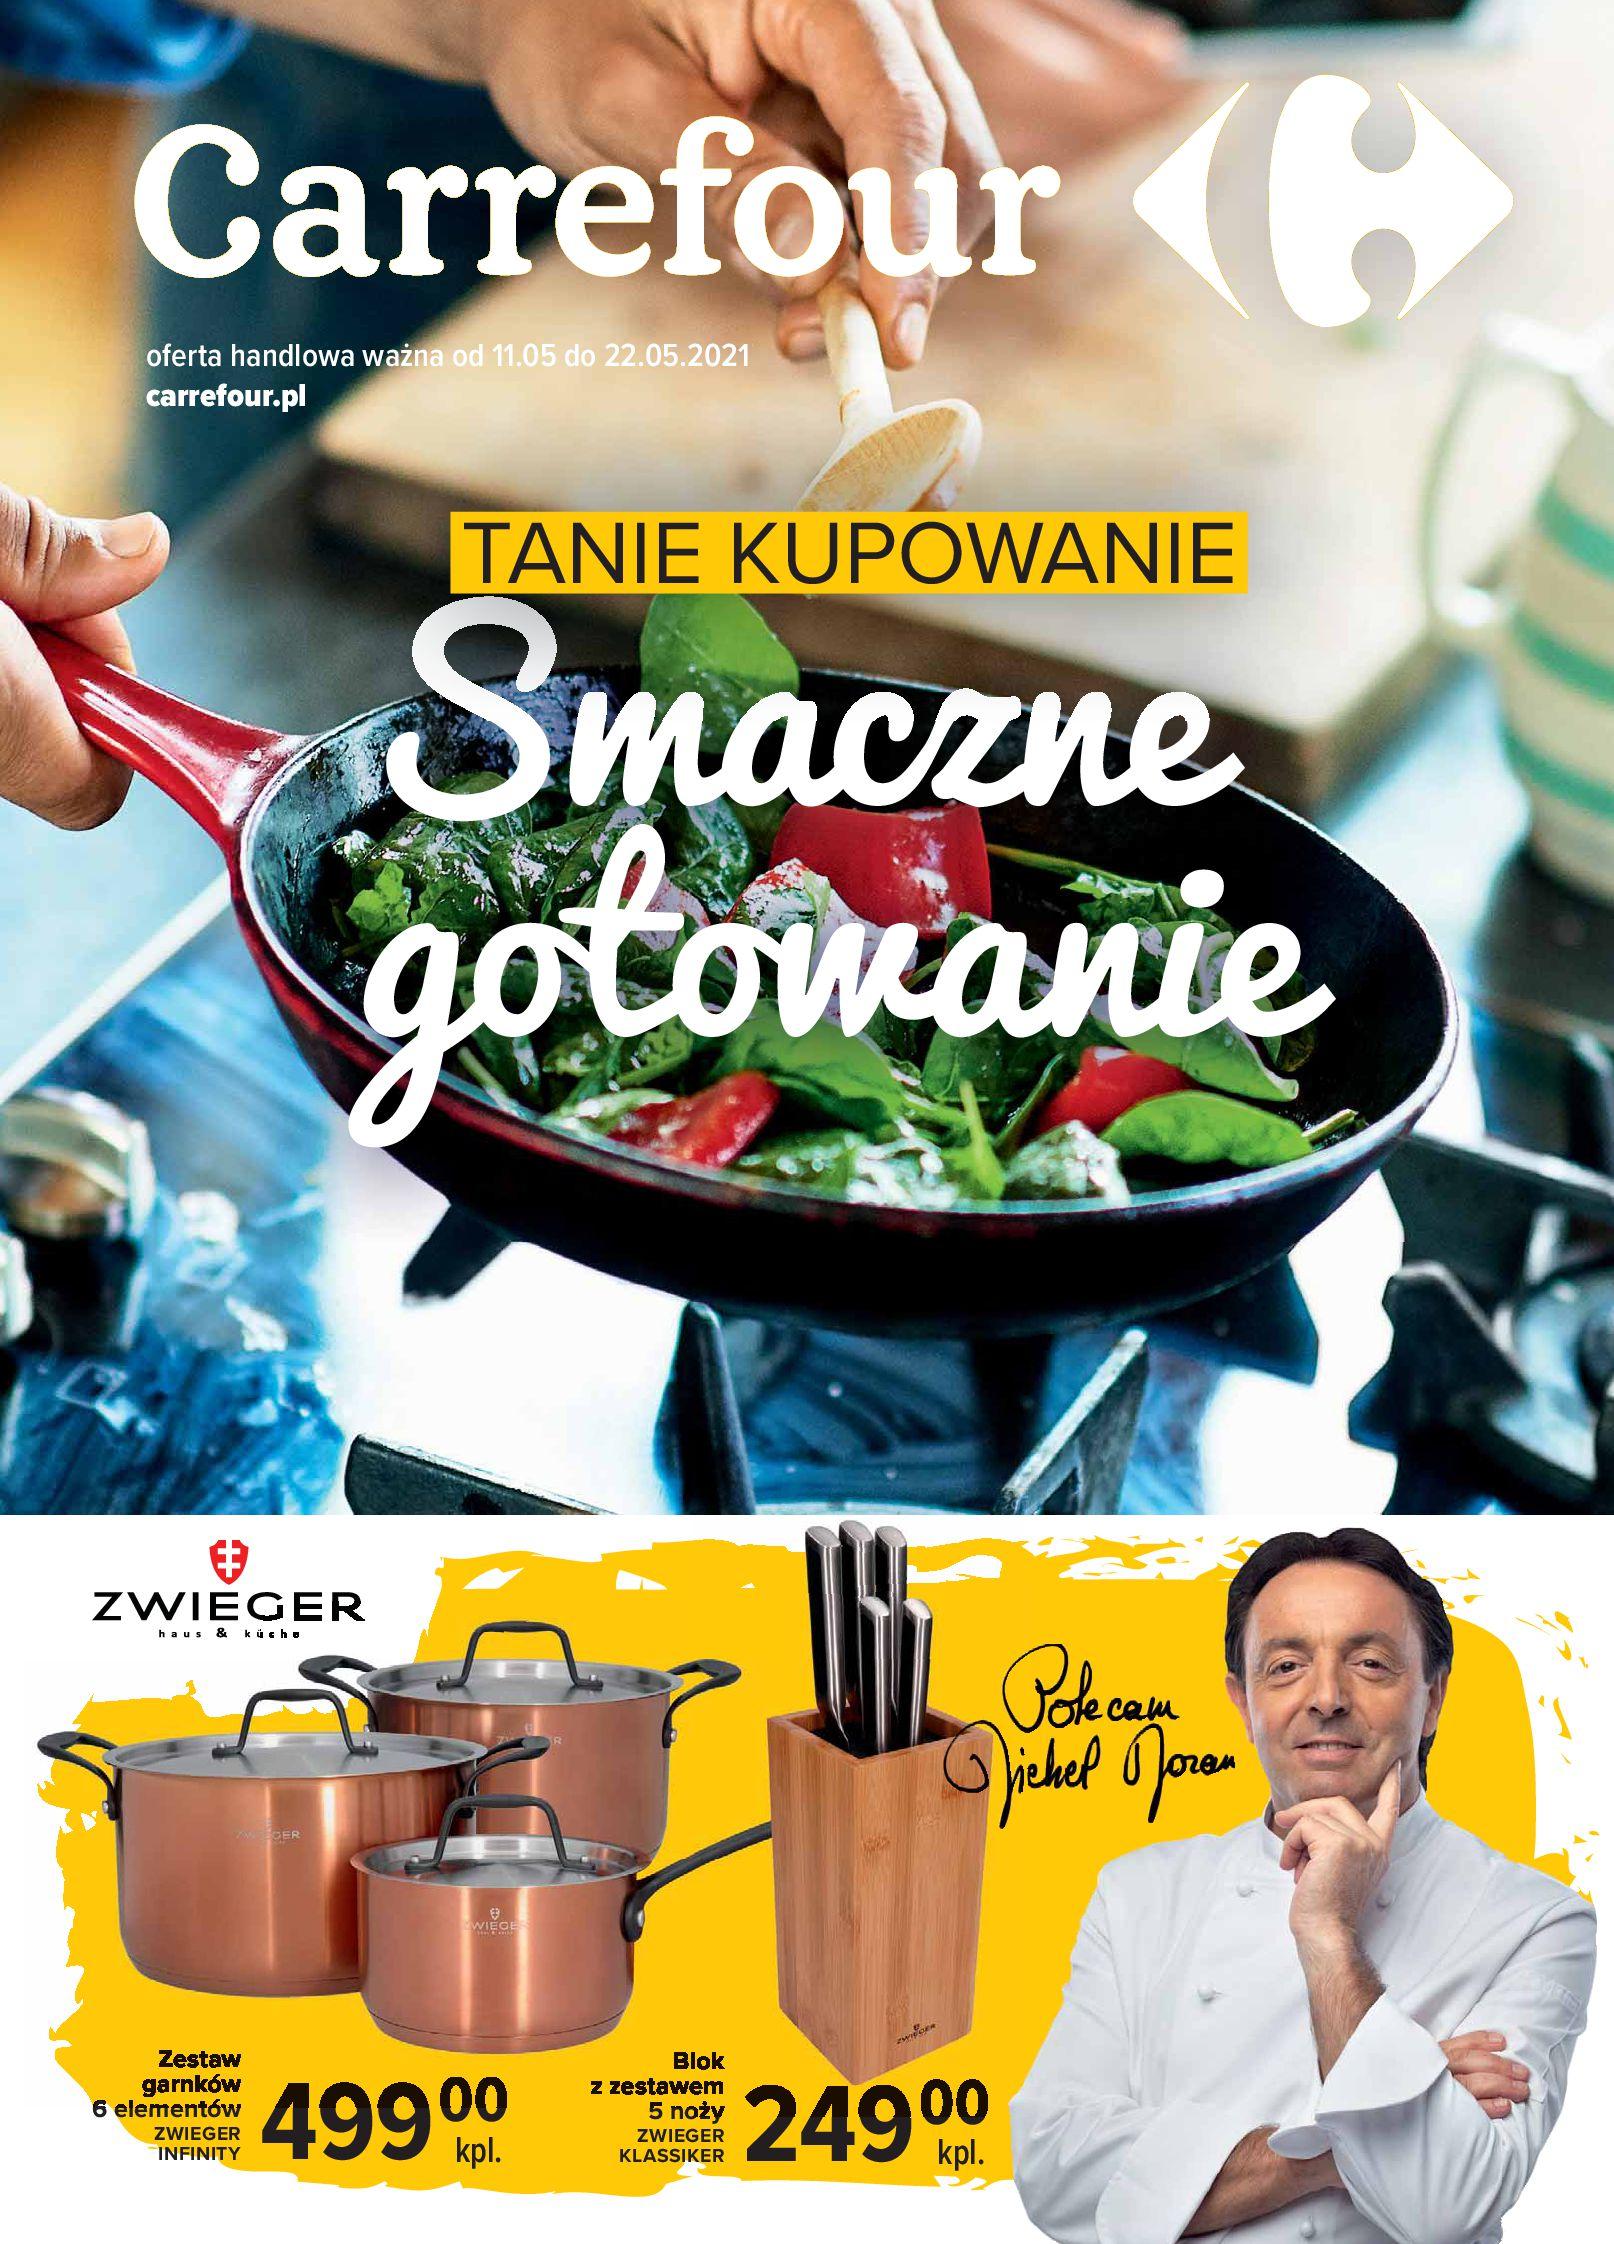 Carrefour:  Gazetka Carrefour - Smaczne gotowanie 10.05.2021